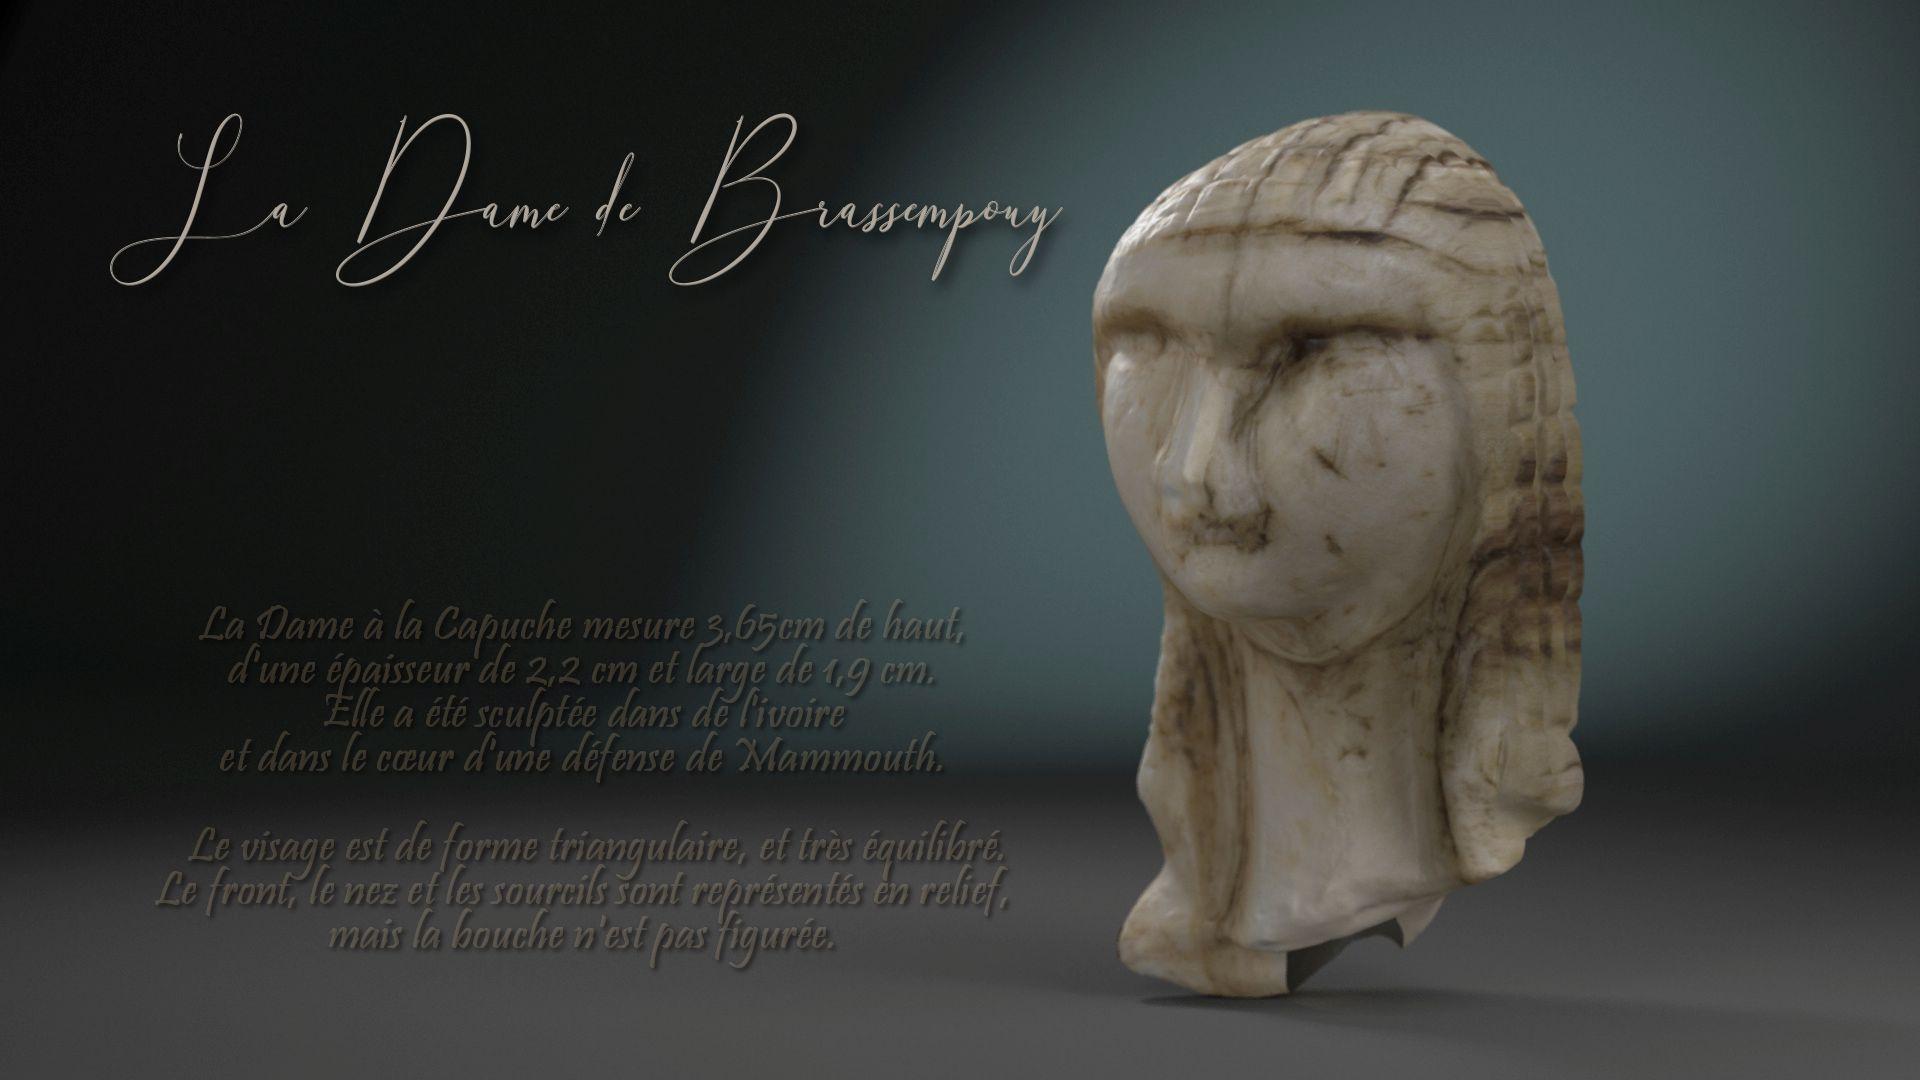 La Dame de Brassempouy